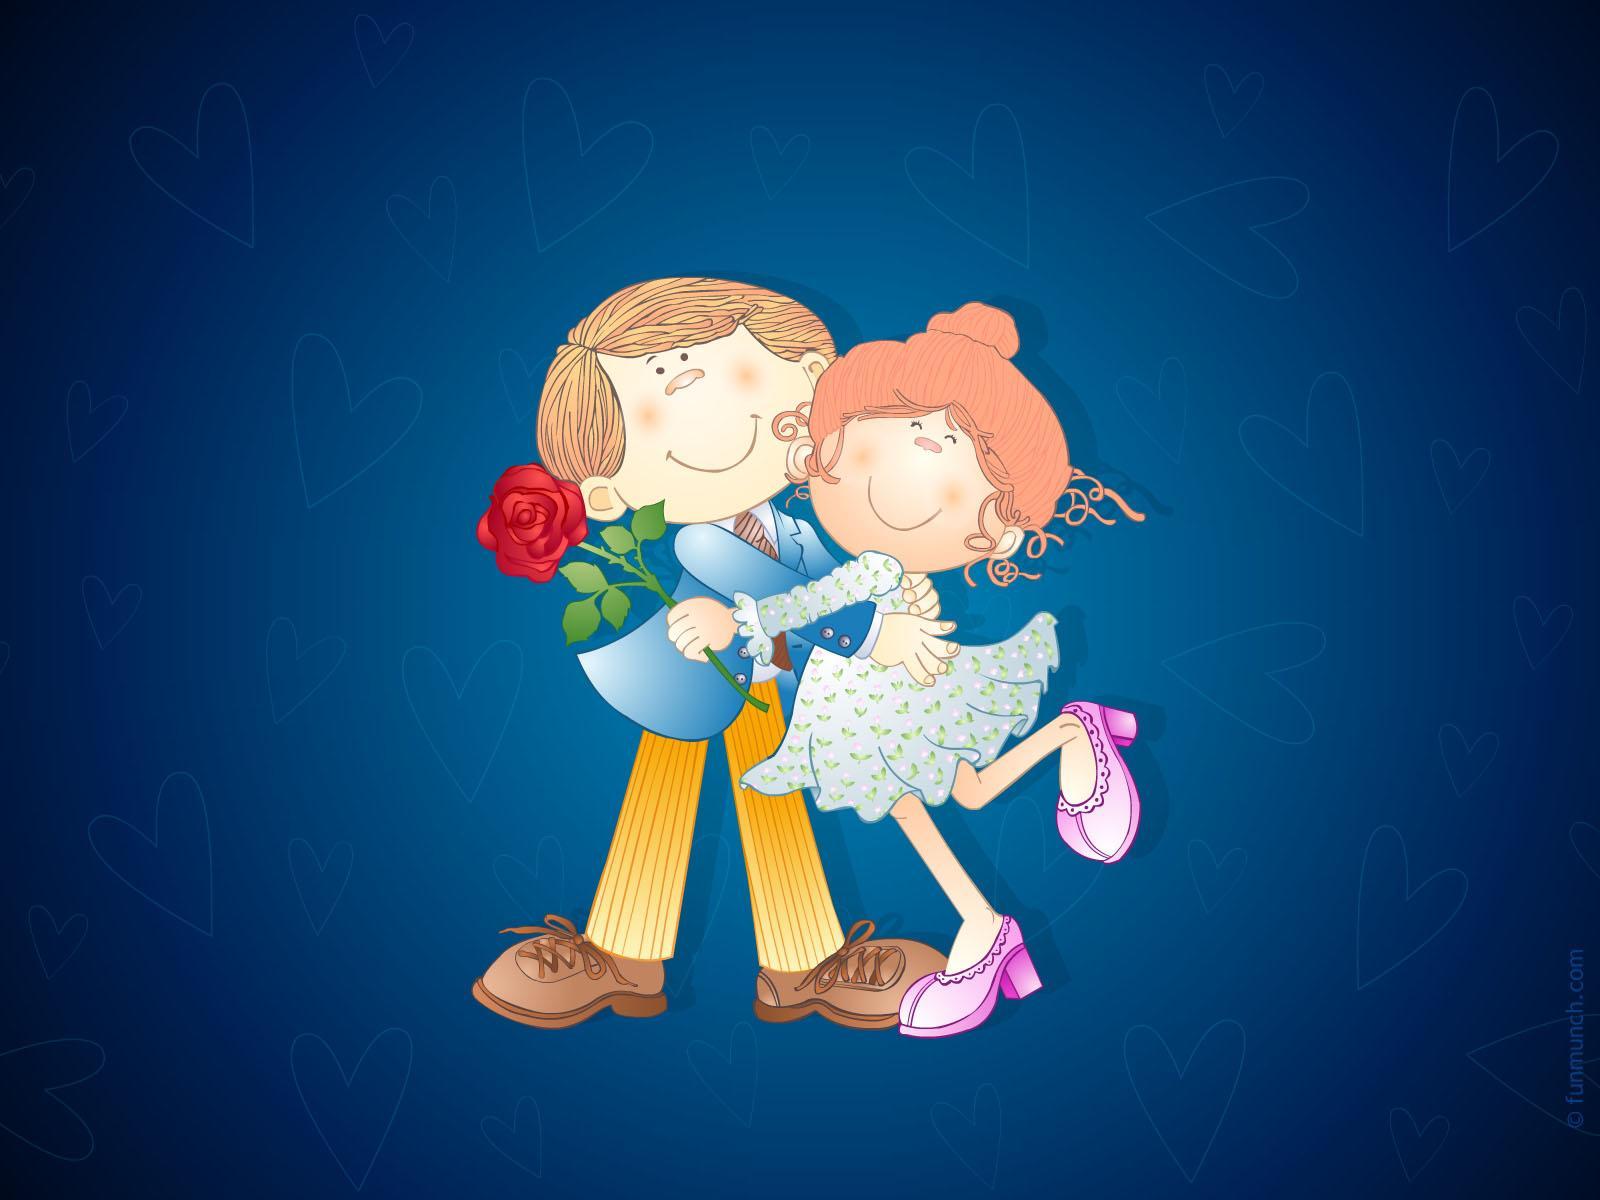 3d love couple images HD wallpaper - 3D Love